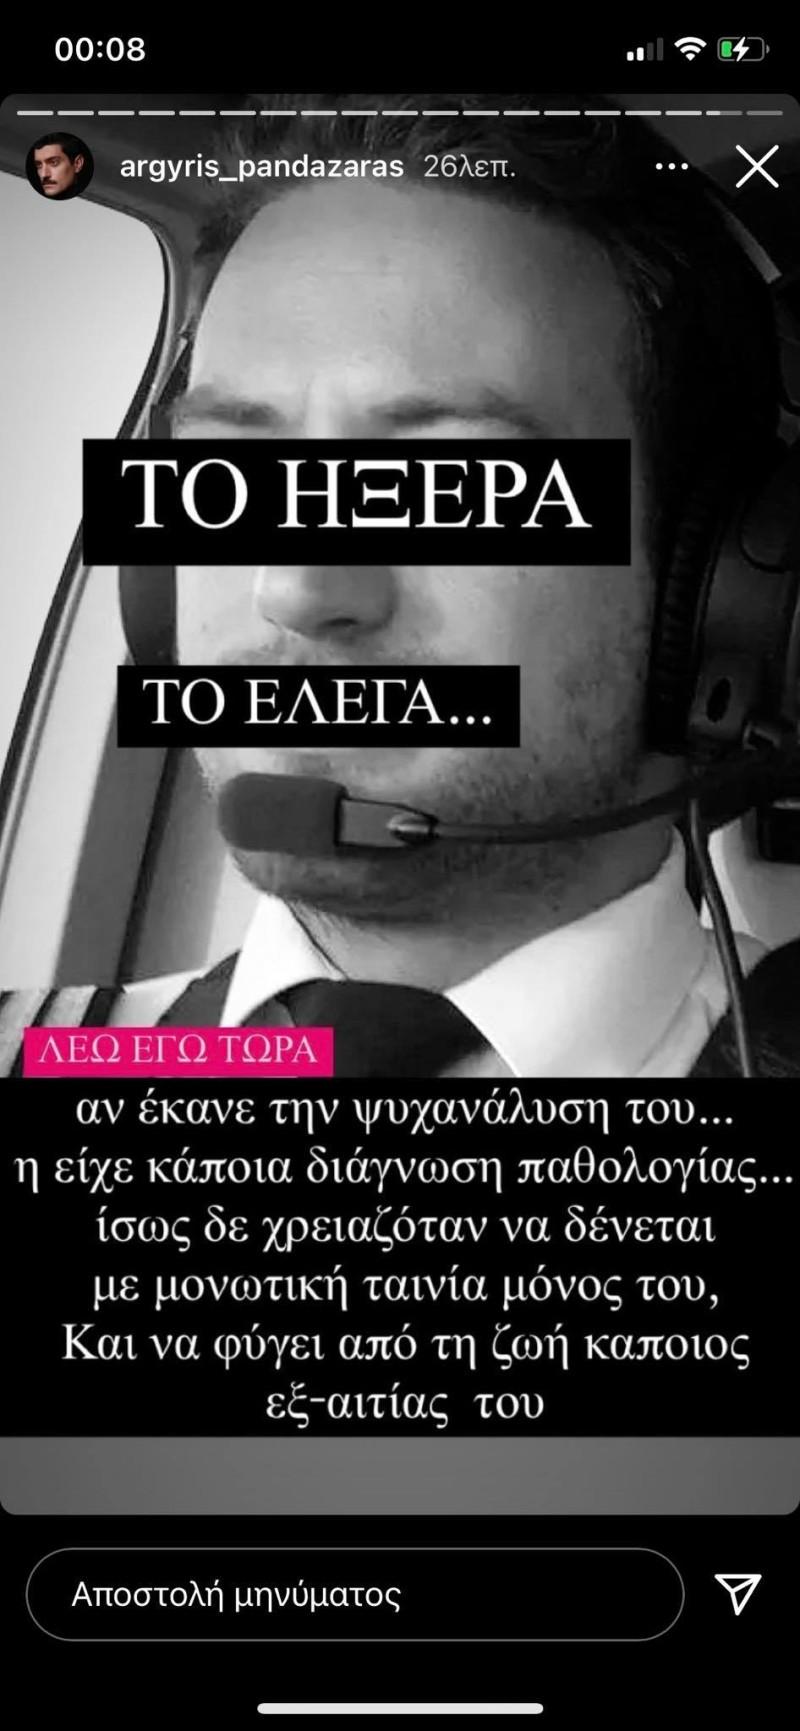 Γλυκά Νερά πιλότος Μπάμπης Αναγνωστόπουλος